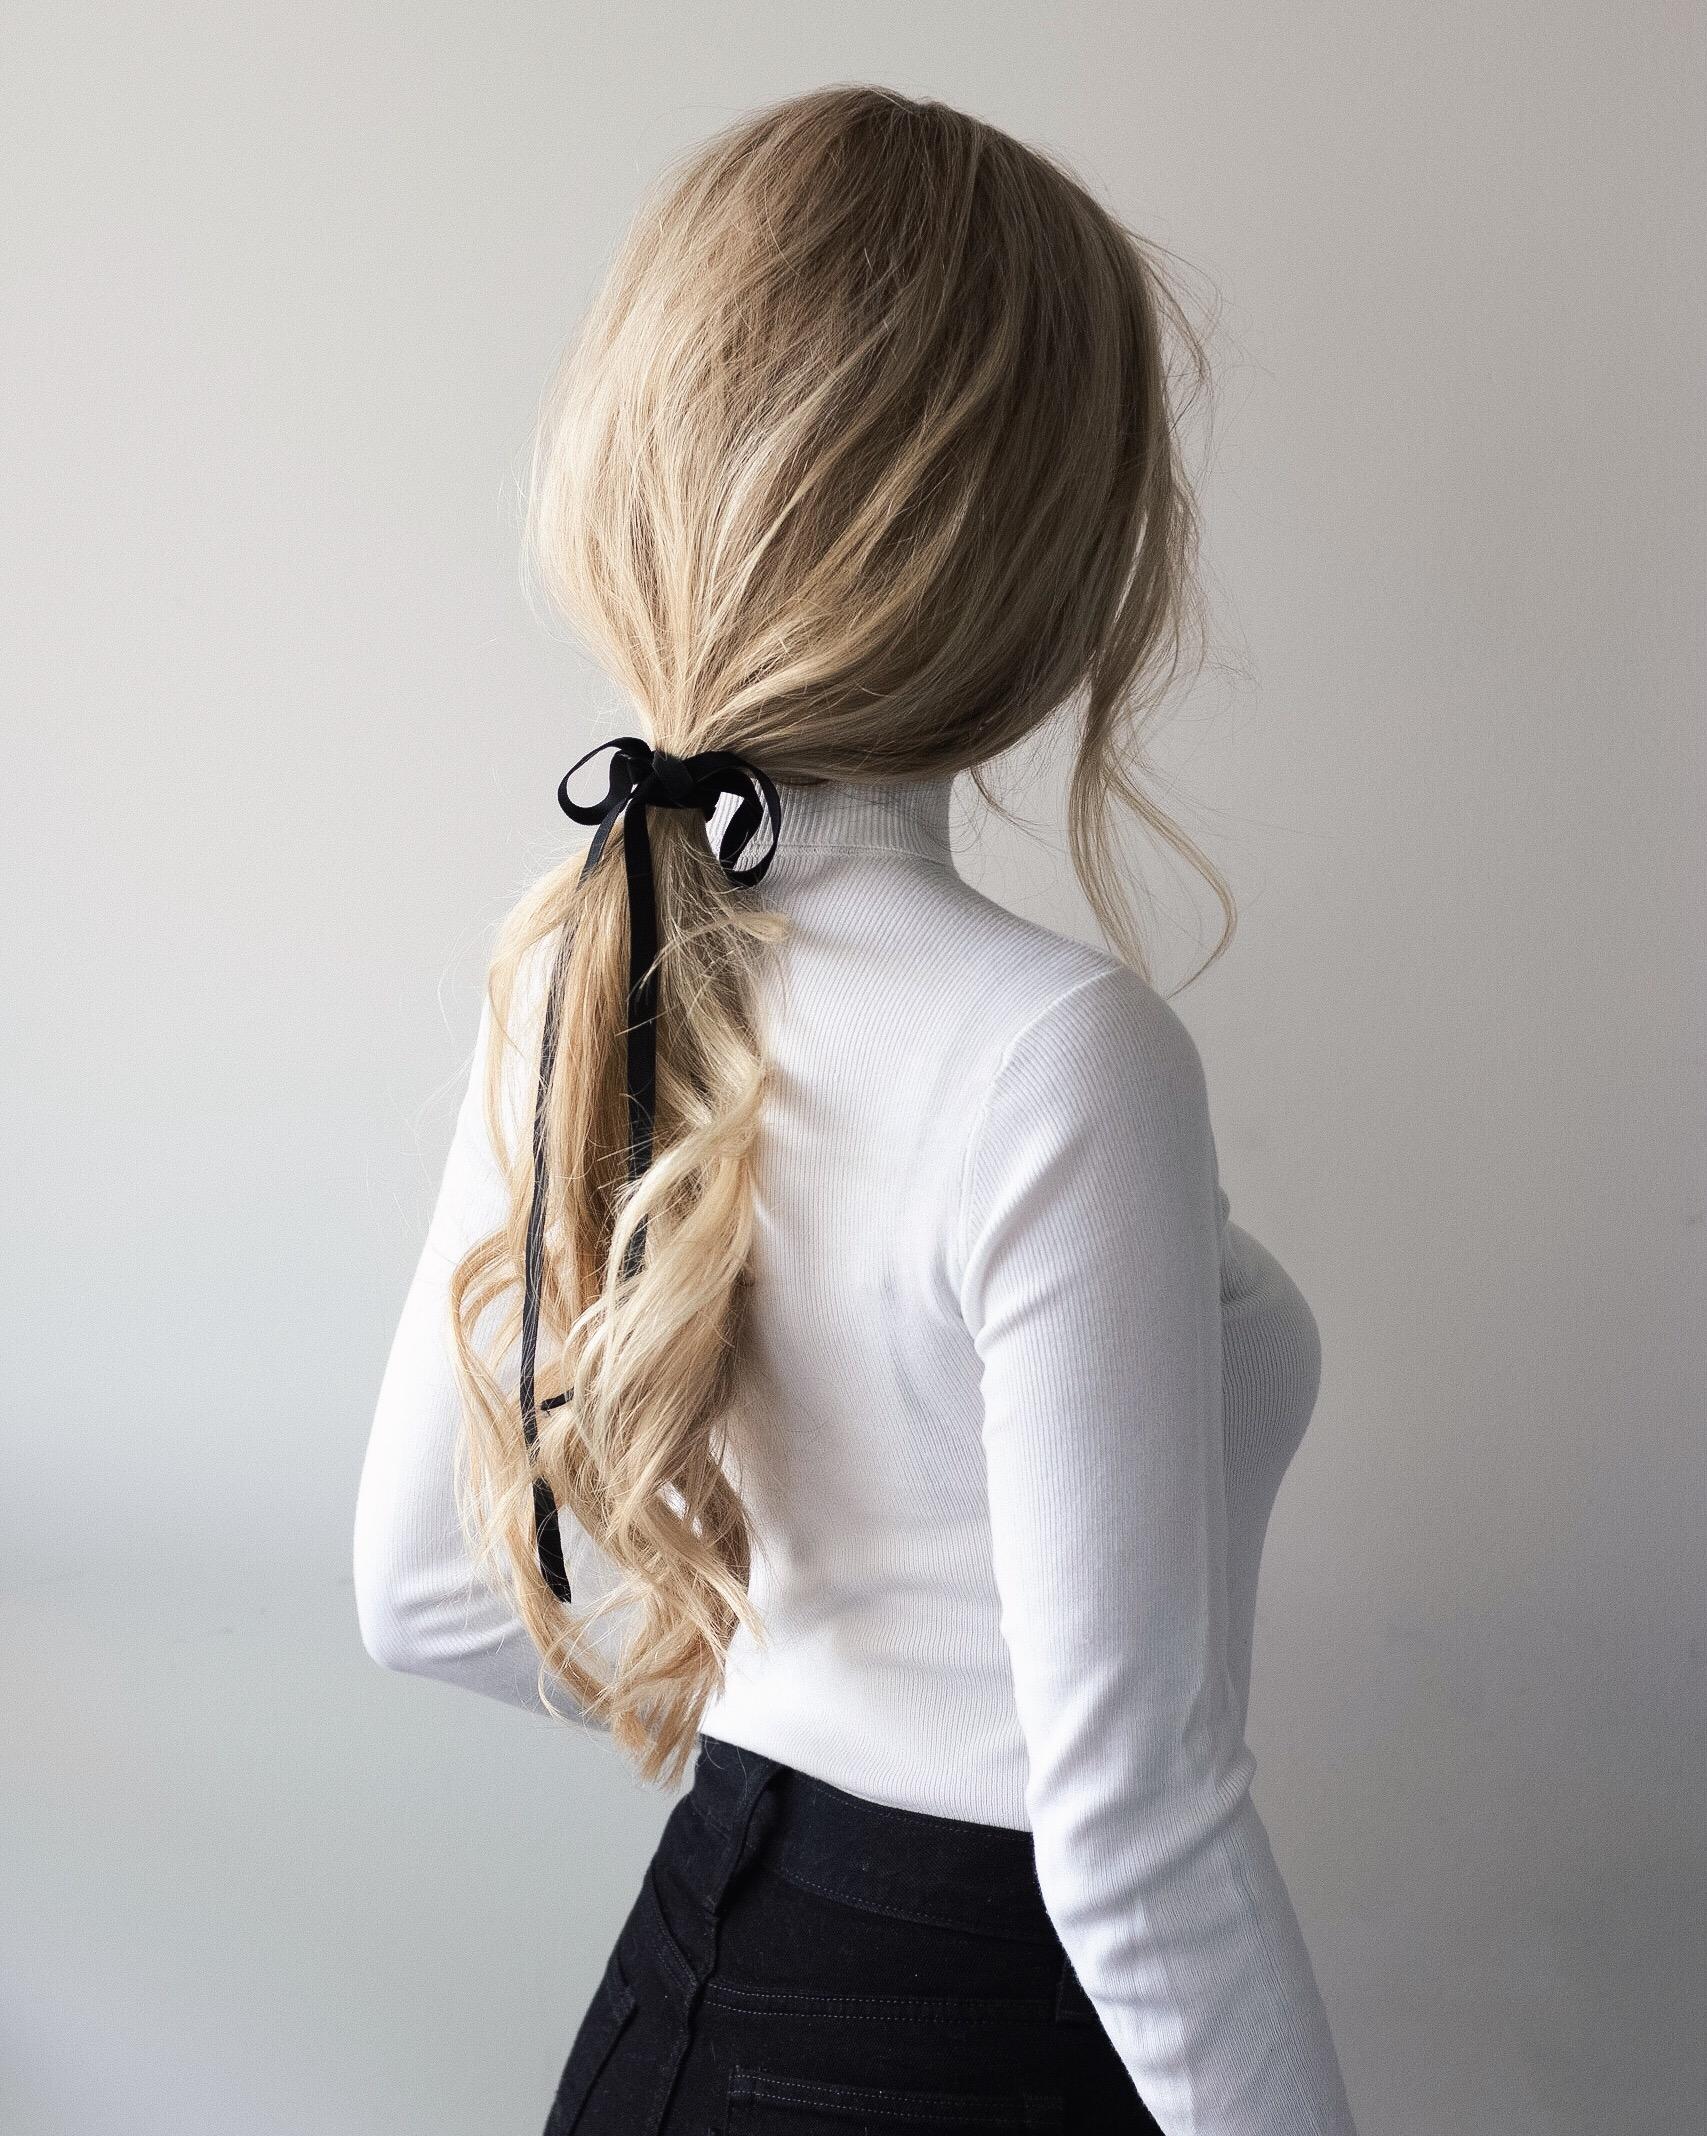 EASY LOW PONYTAIL HAIR TUTORIAL | www.alexgaboury.com